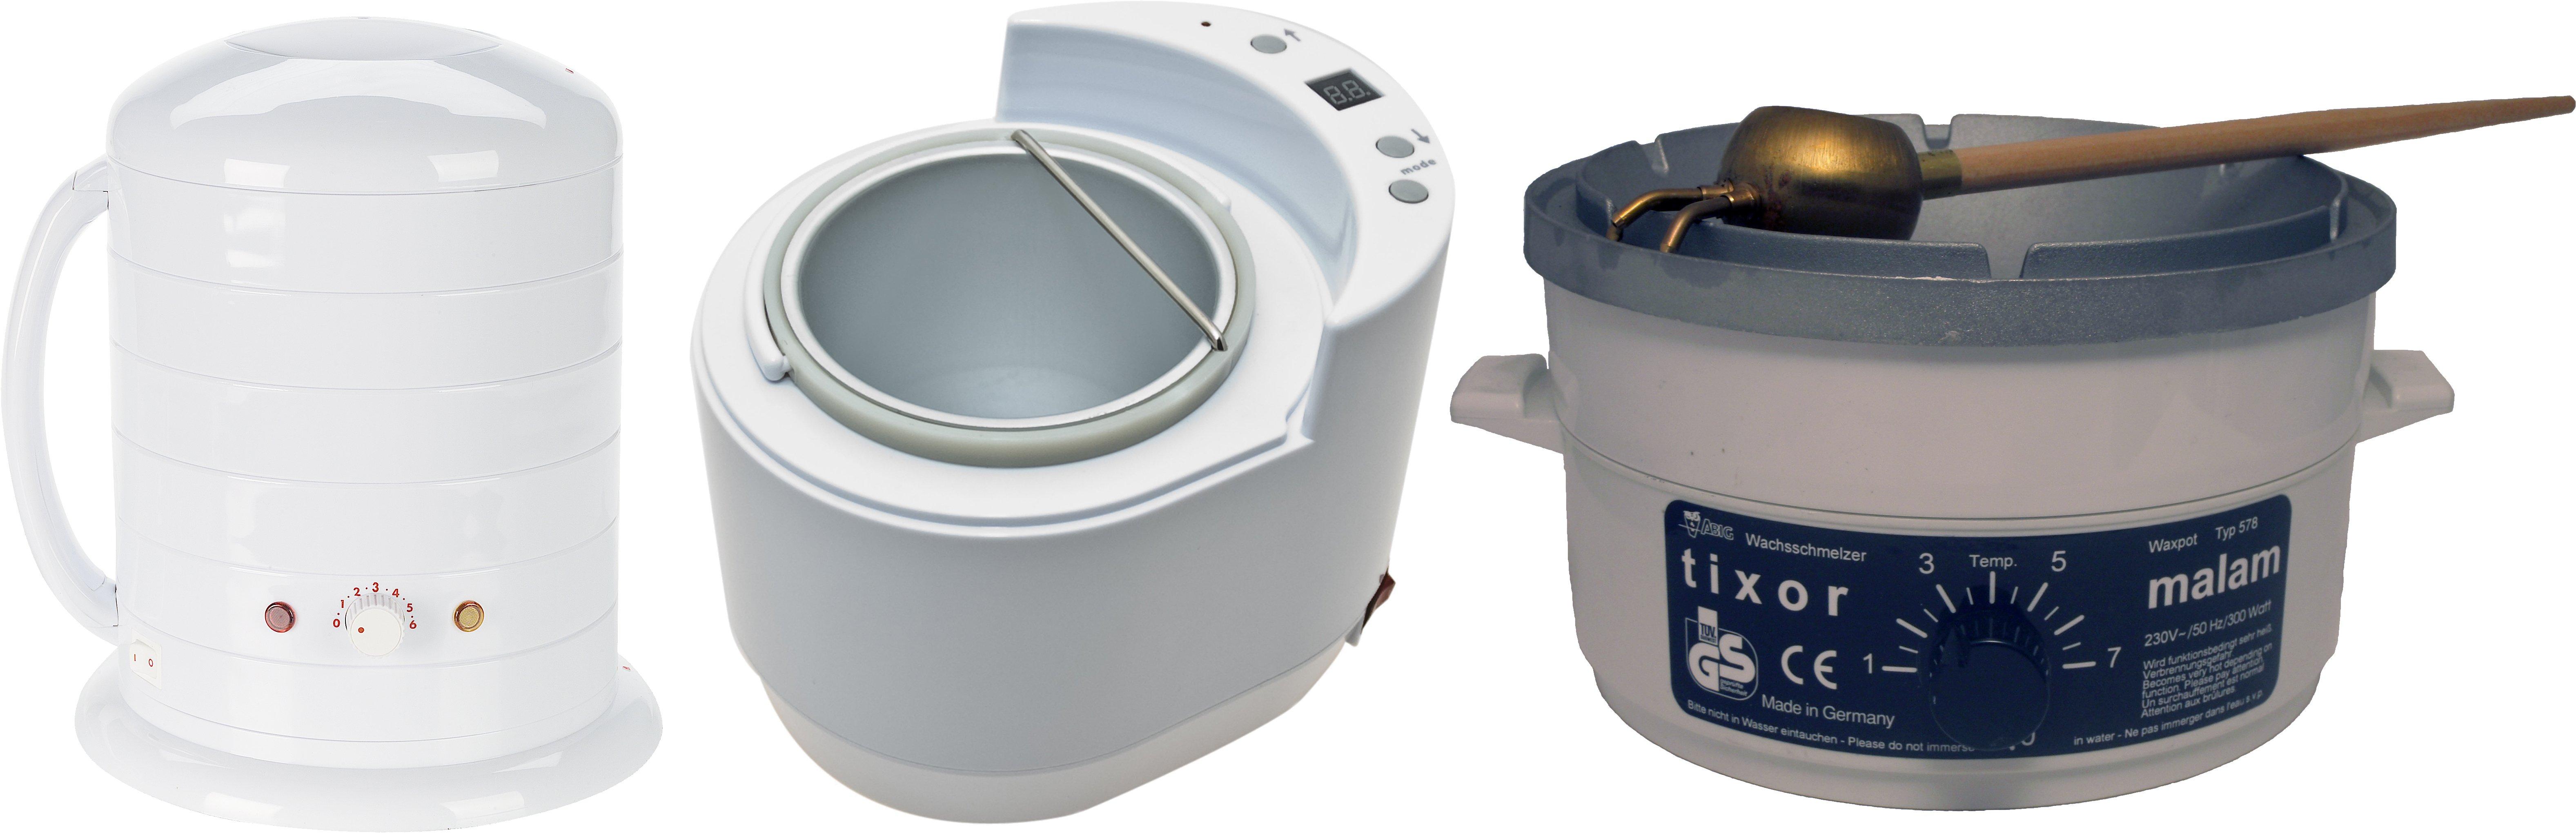 Extra Inner Melting Pot for 1 litre Pots